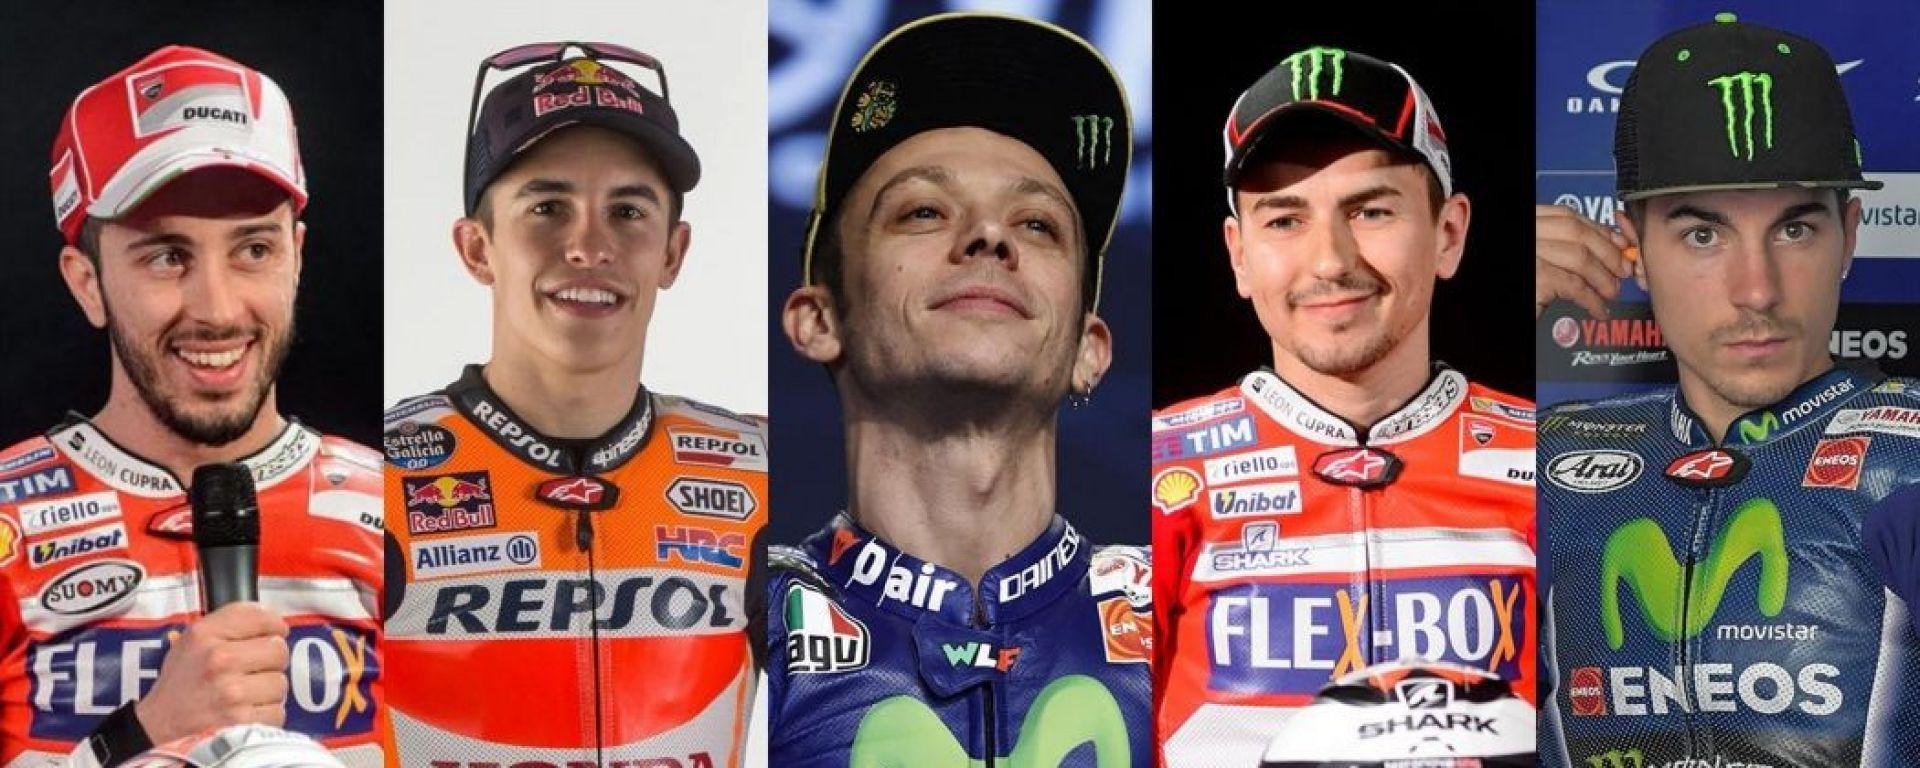 Dovizioso, Marquez, Rossi, Lorenzo, Vinales - Moto GP 2018